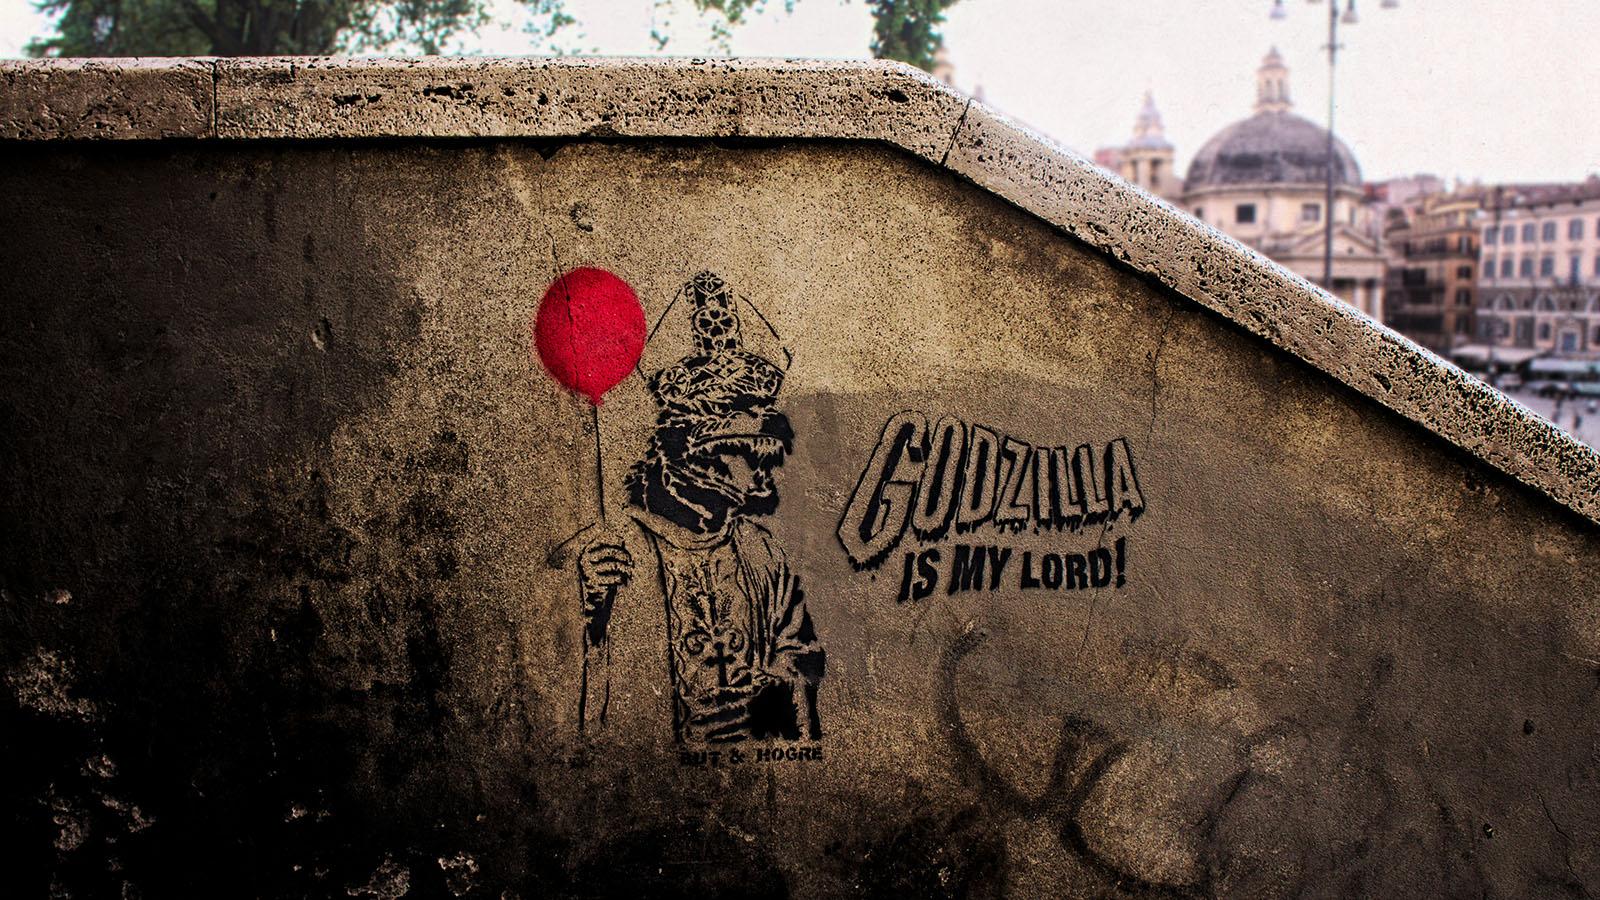 Godzilla, nuestro señor, te ordena que veas los #LDV